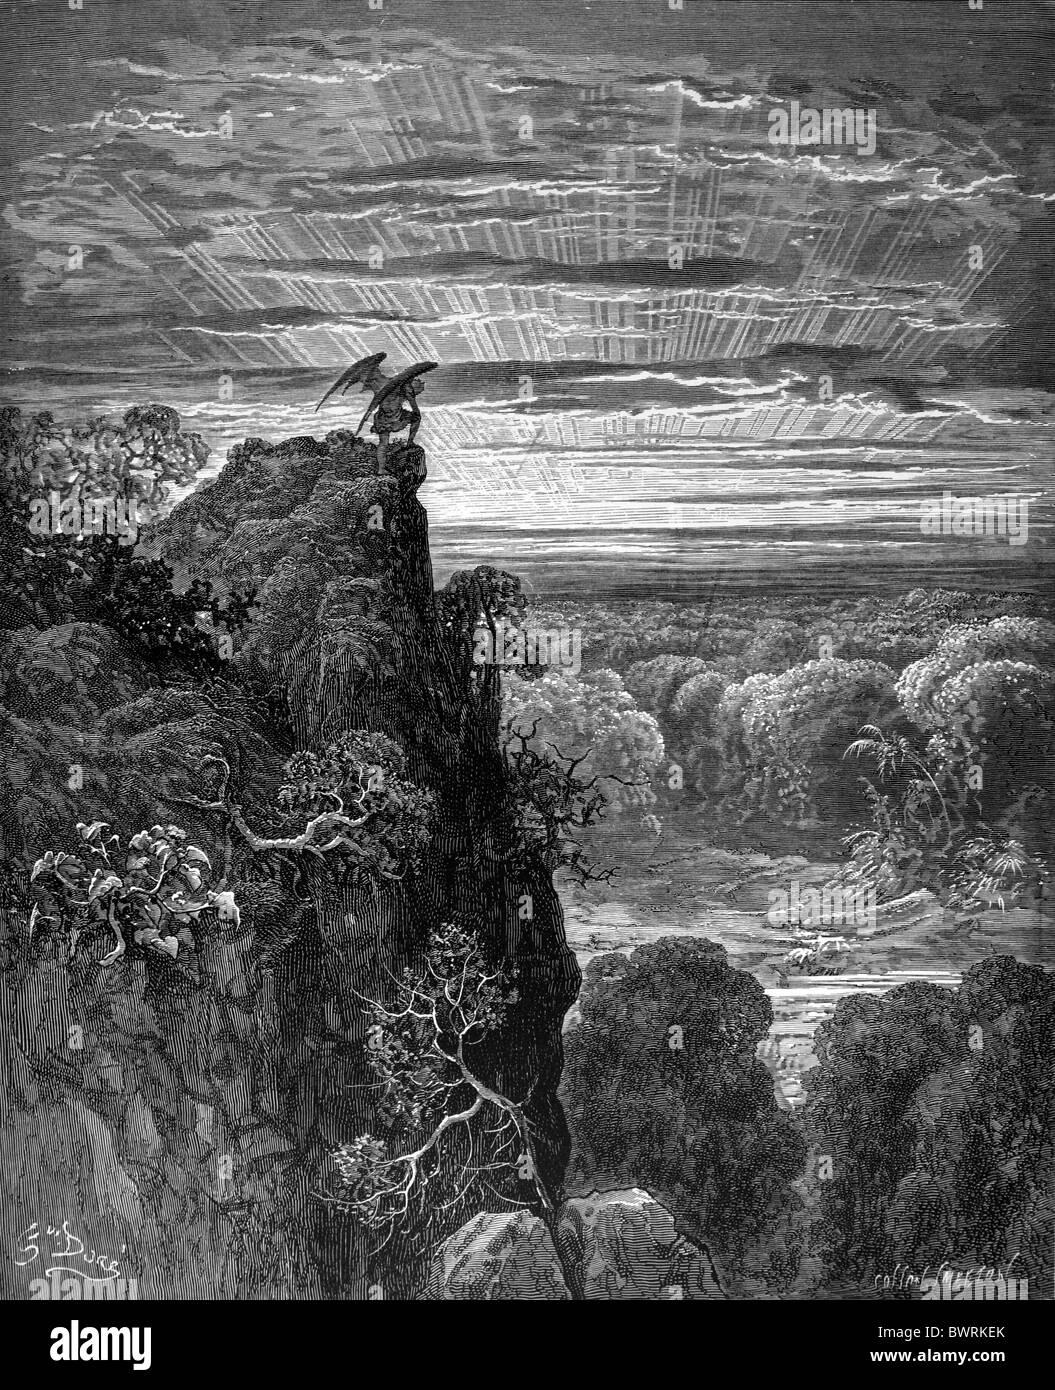 Gustave Doré; Satan OverlookingParadise de John Milton's Paradise Lost; gravure noir et blanc Photo Stock